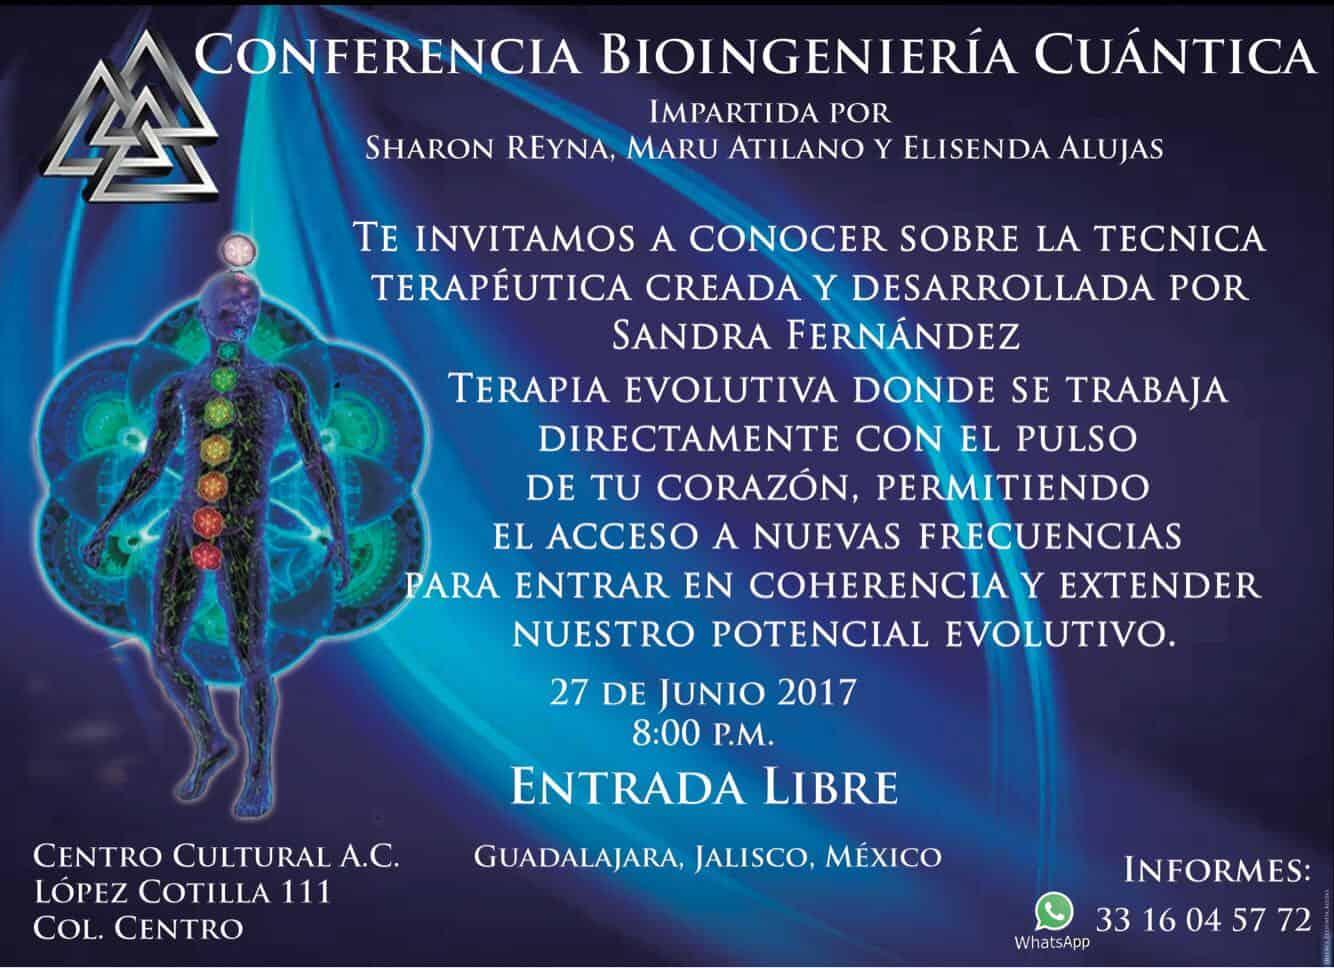 Conferencia Bioingeniería Cuántica, Jalisco – MÉXICO. 27 de junio @ CENTRO CULTURAL A.C.